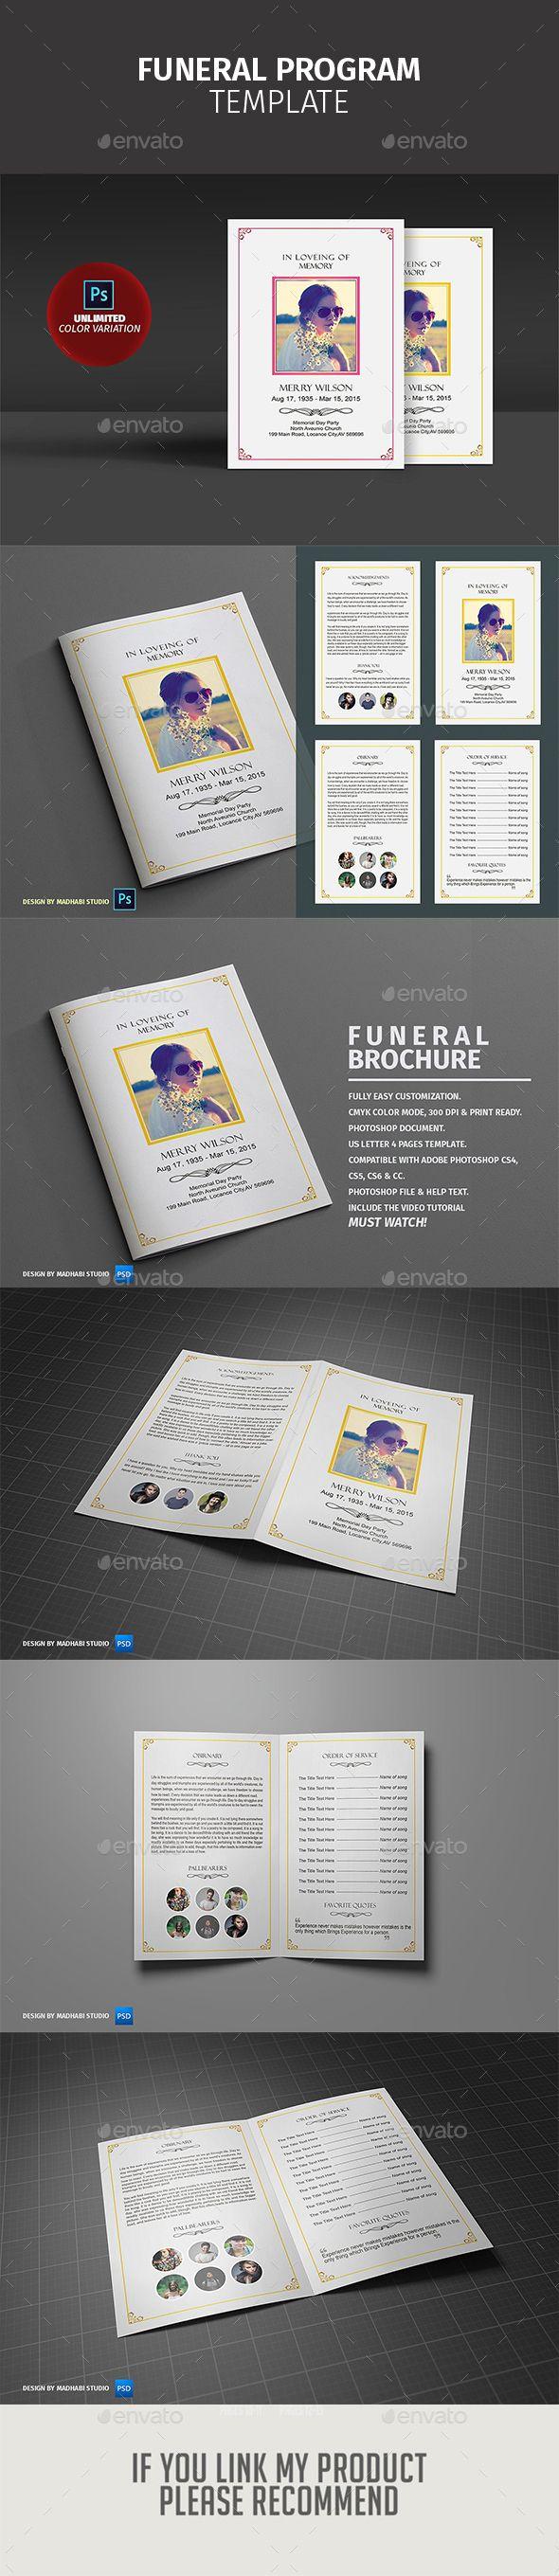 Funeral Program Template V Informational Brochures - Informational brochure template